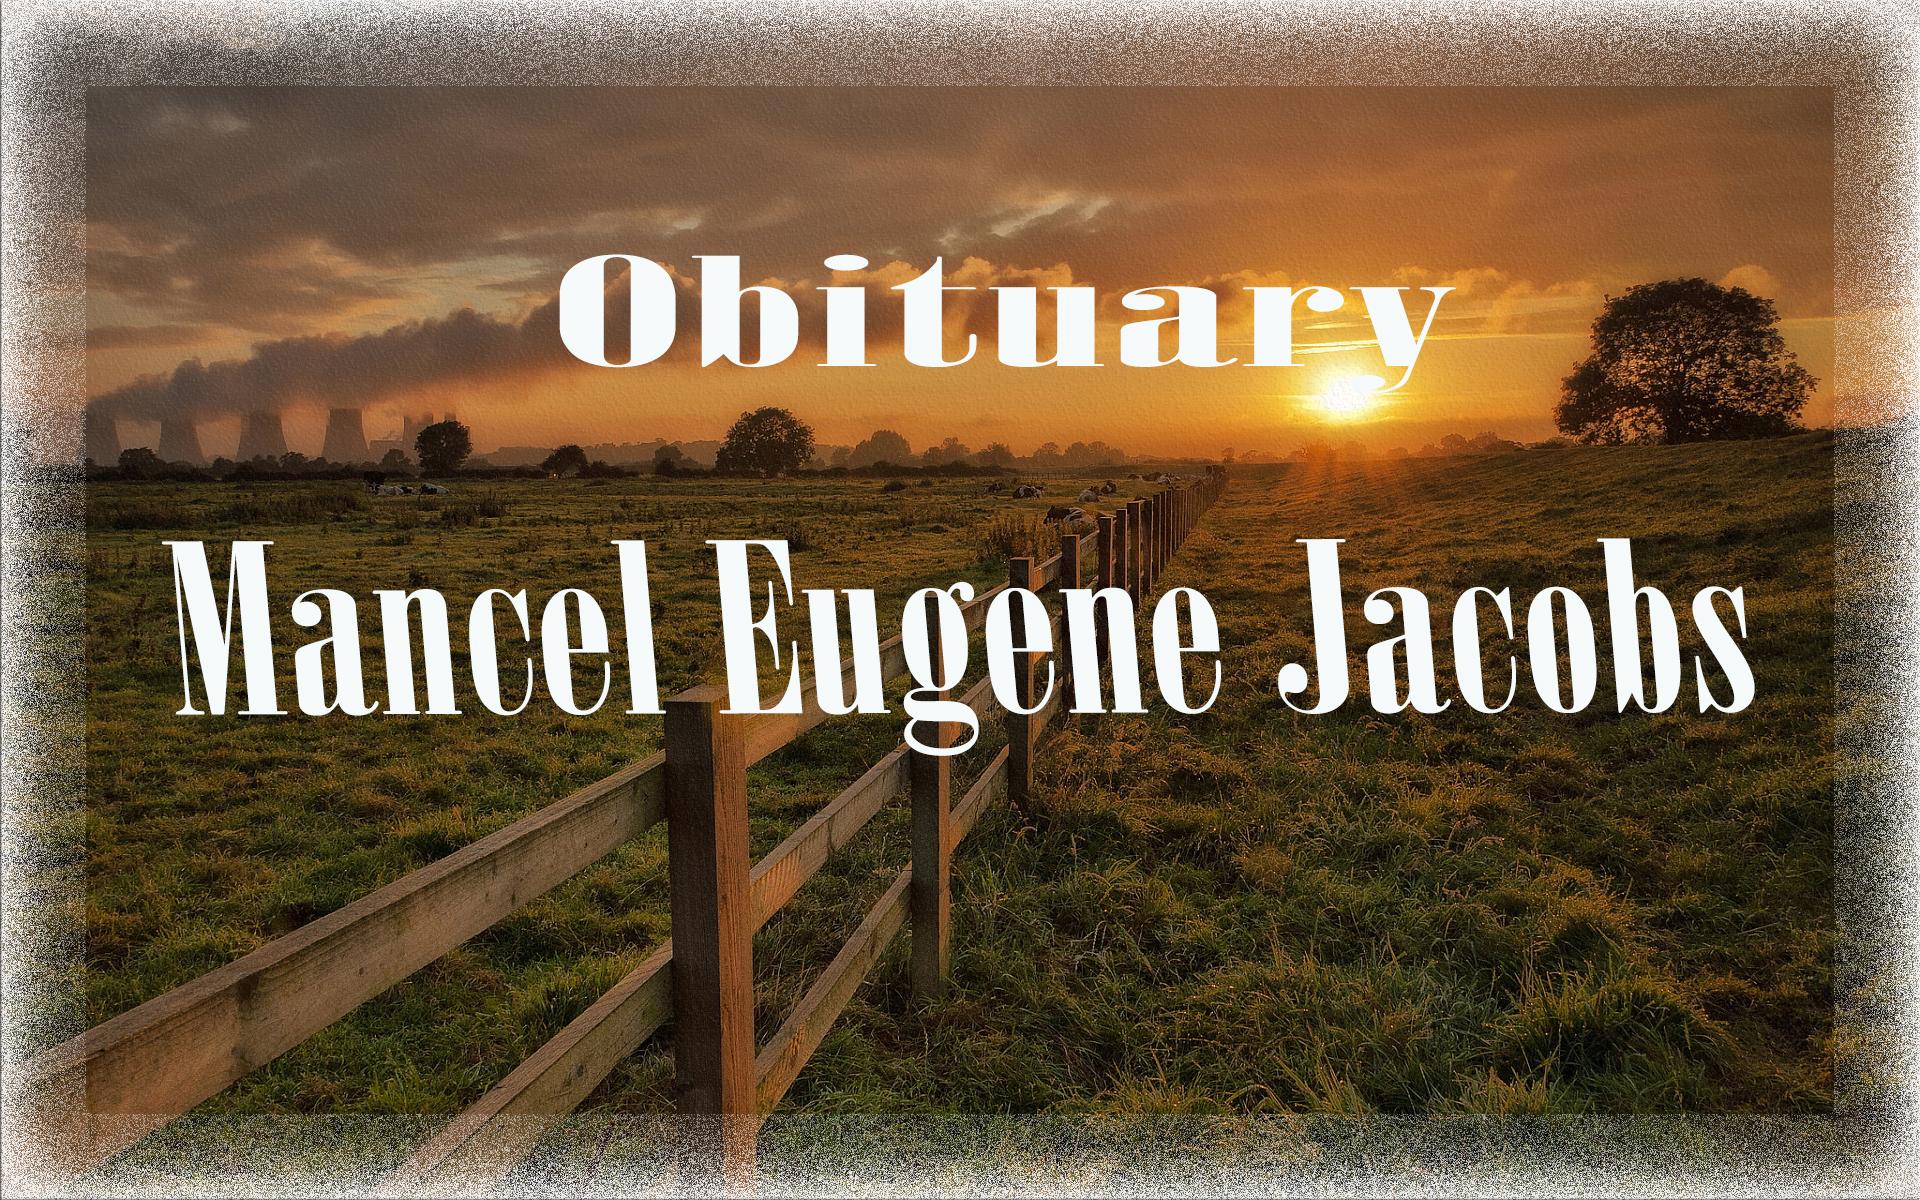 mancel_eugene_jacobs.jpg